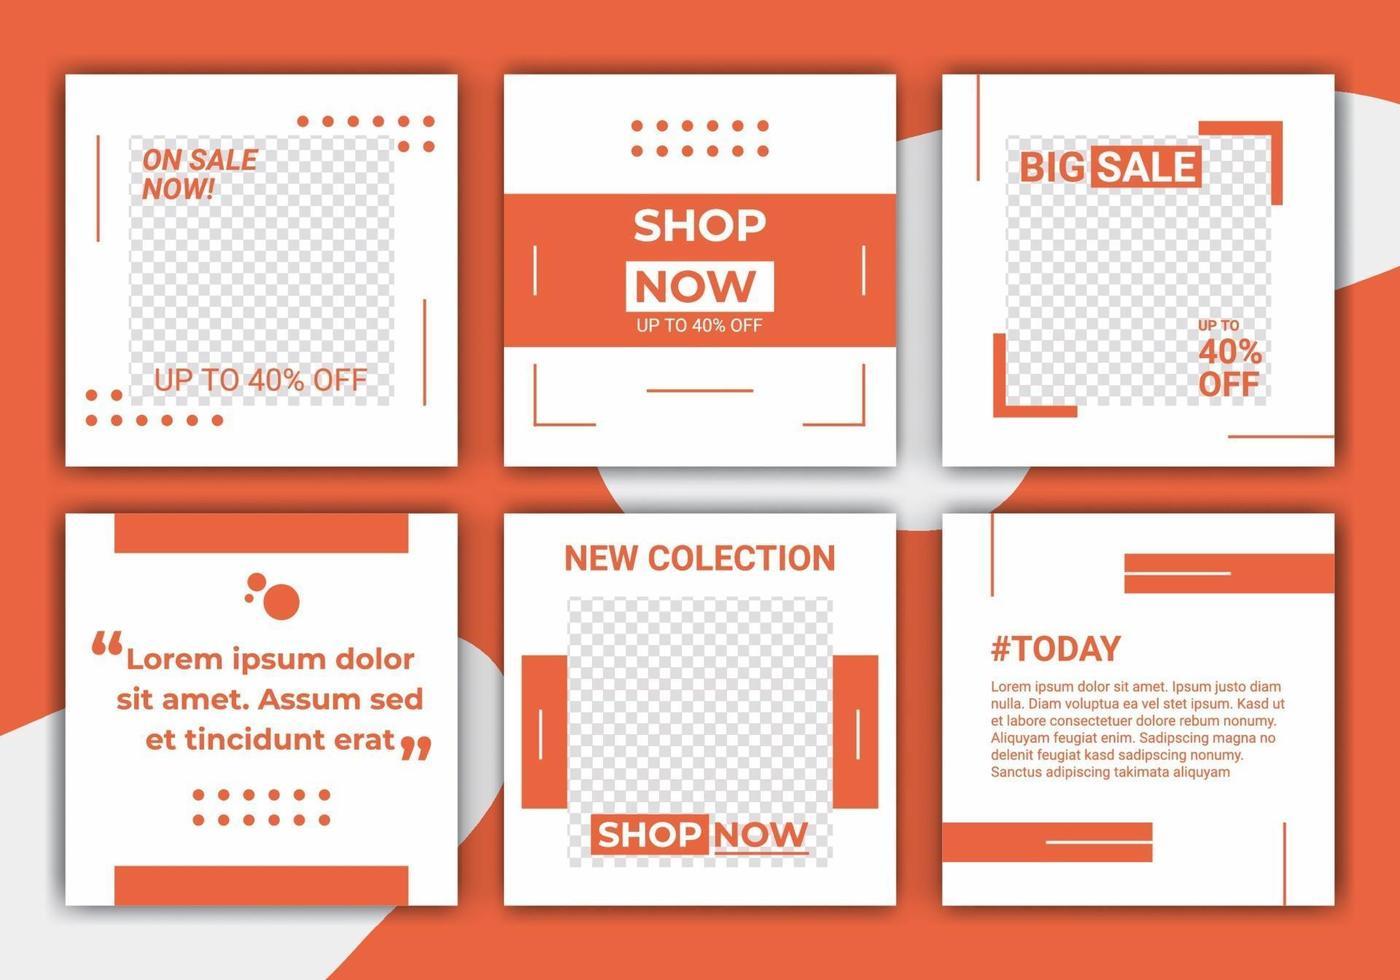 post modello astratto per i social media. moderna post feed, arancione, retrò, modello, cornice in stile minimalista. banner web per design promozionale con colore arancione e bianco. vettore